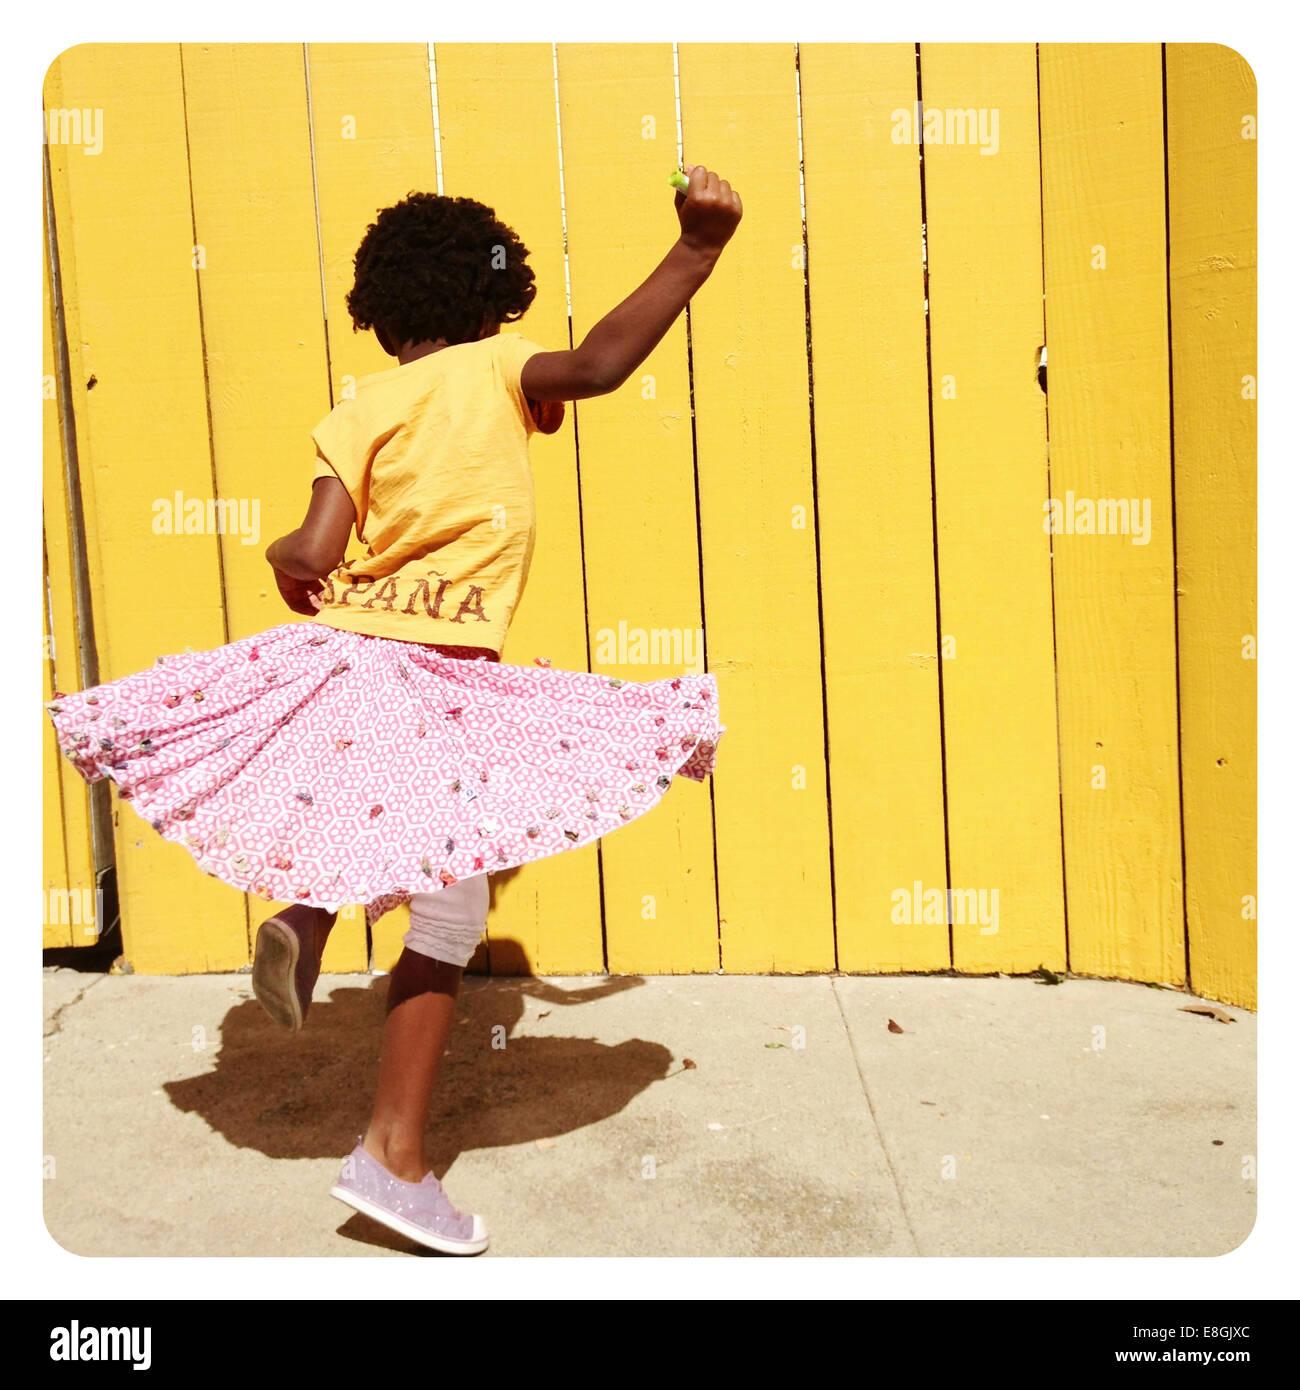 Chica girando en torno a bailar Imagen De Stock